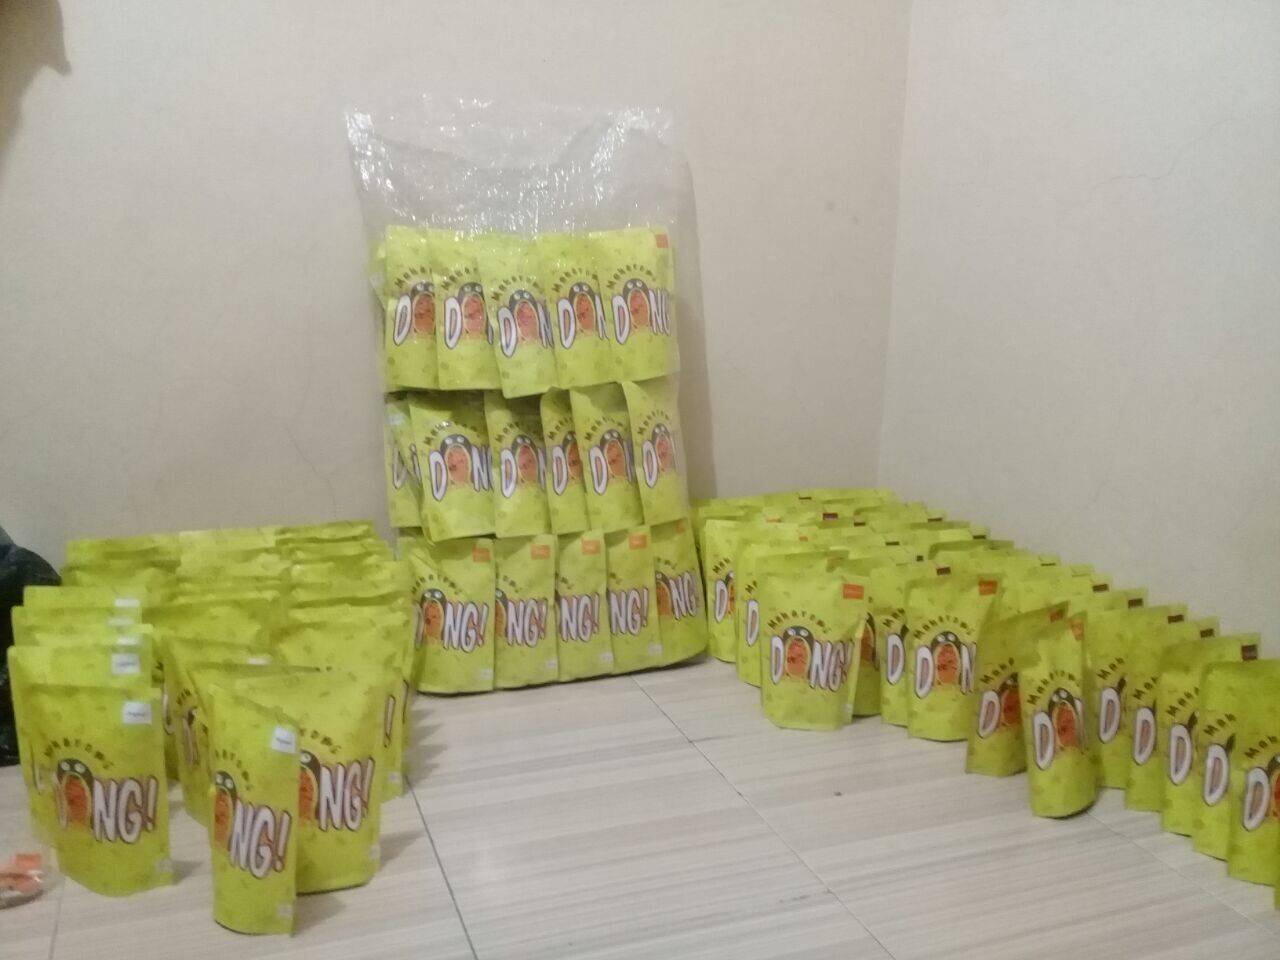 Dicari Mitra distributor/ Reseller Cemilan MakaroniDong! terbukti ngangenin